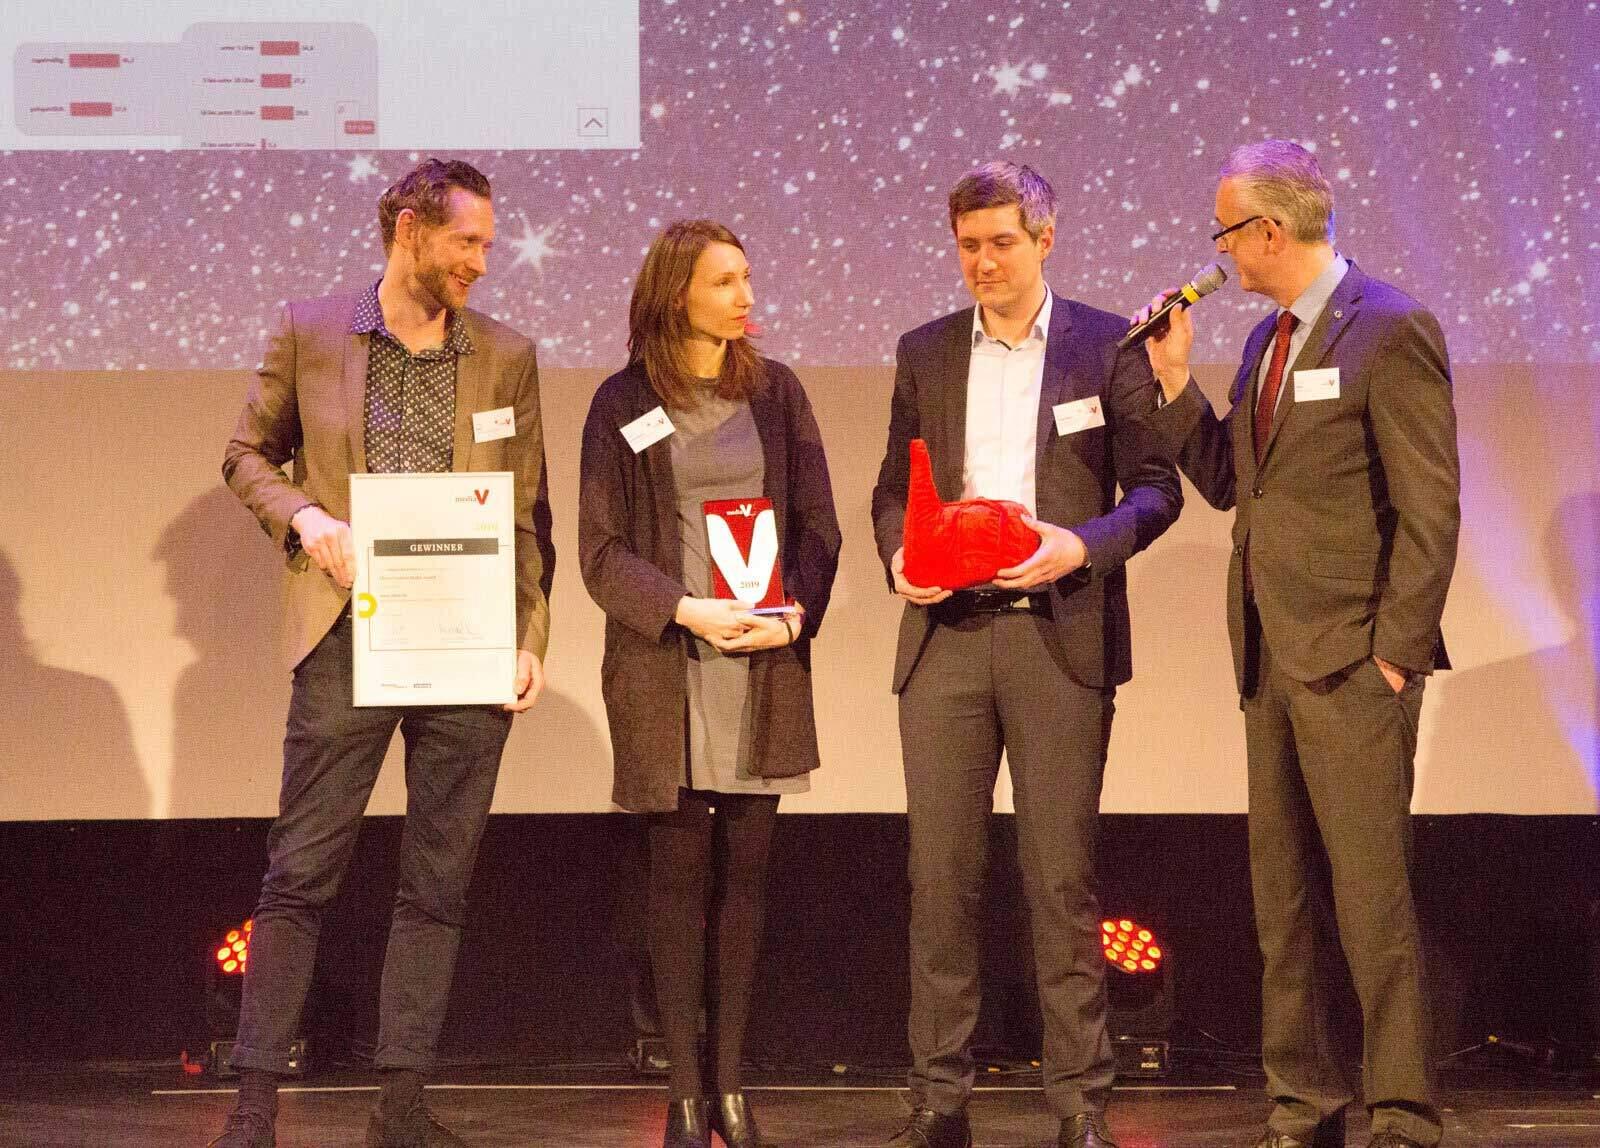 Joachim Sina (GRÜN Software AG) bei der Preisübergabe mit den Preisträgern aus der Kategorie Beste Website: Ory Laserstein (Bundesverband der Energie- und Wasserwirtschaft e.V., Nadja Gehrmann (UHURA media GmbH) und Philipp Paul (UHURA Media GmbH) (vrnl.).